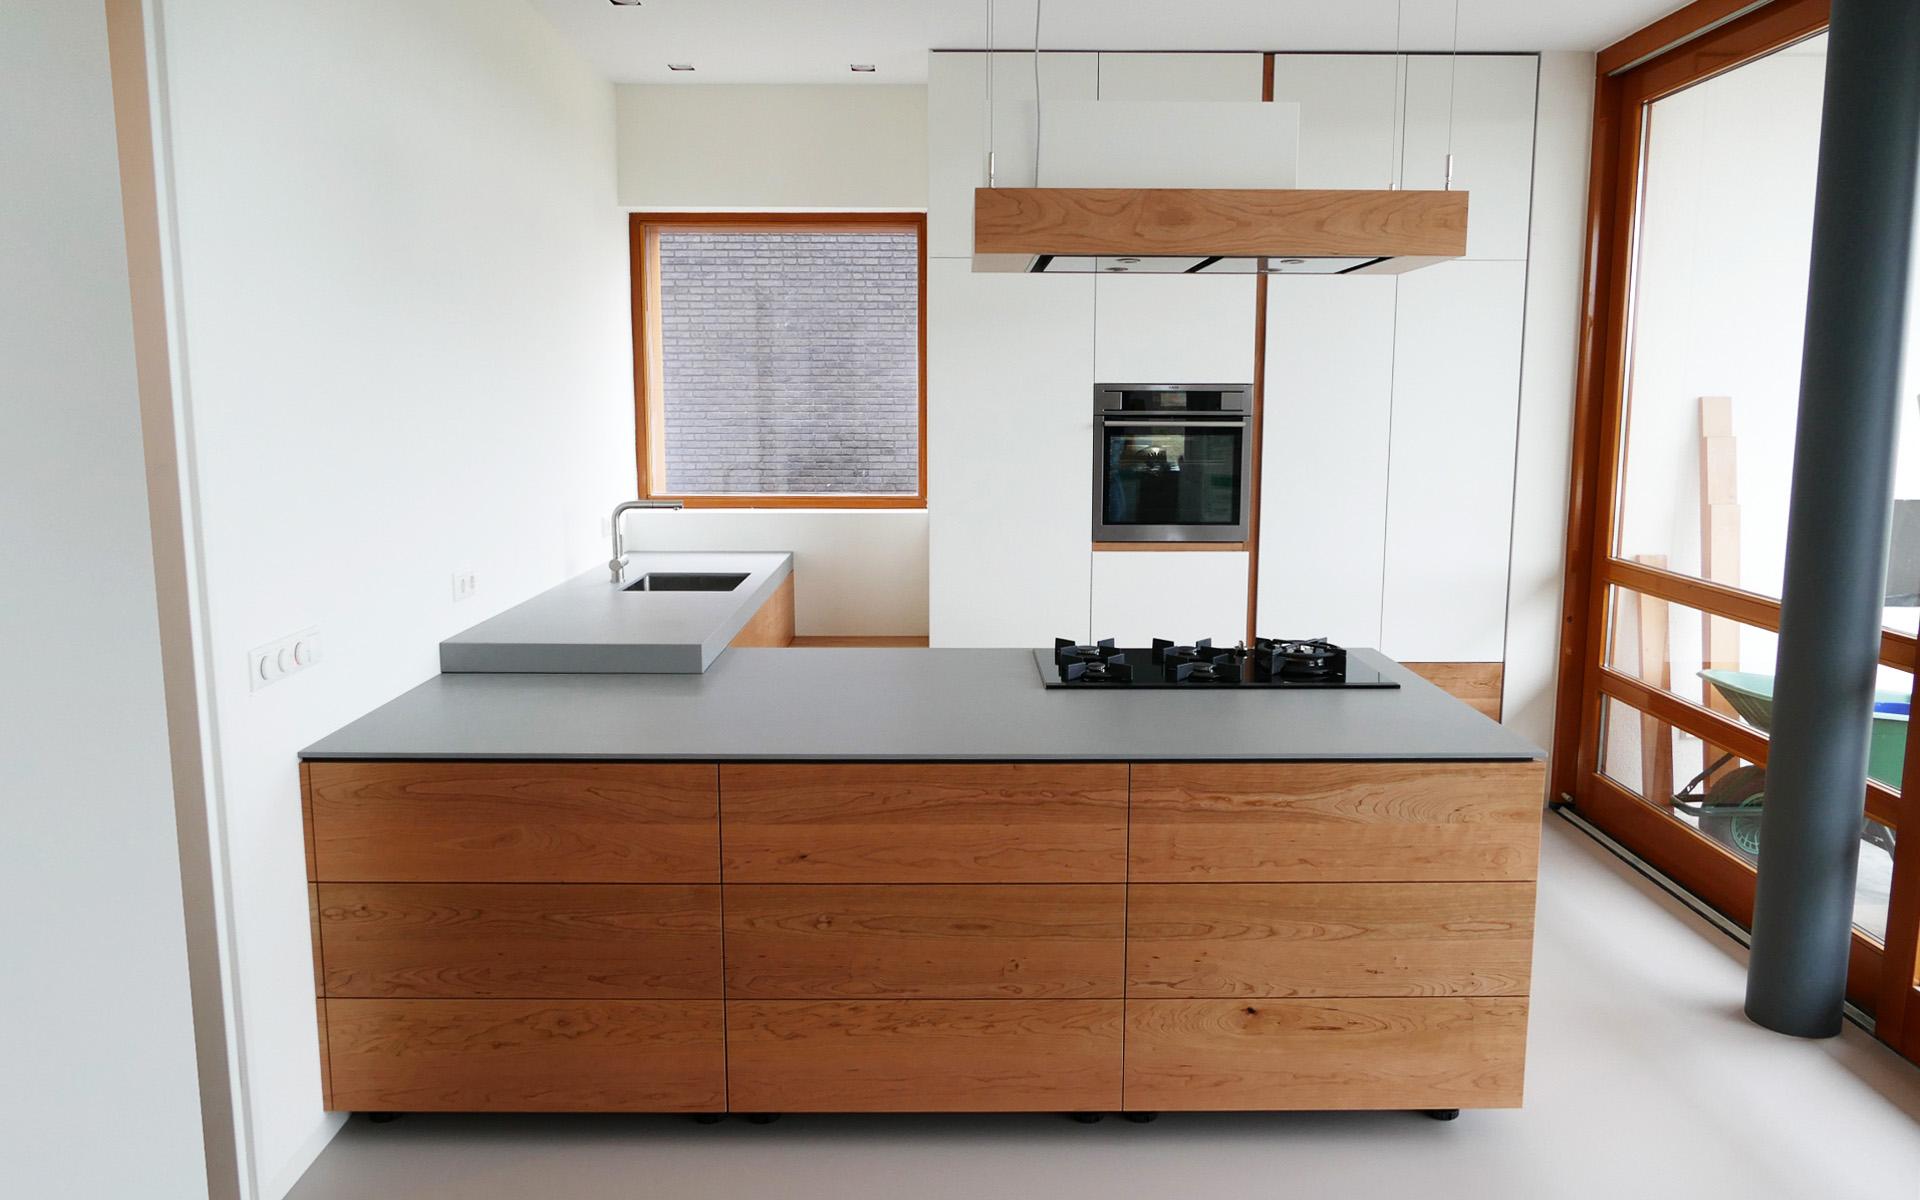 Kersenhouten keuken te eelderwolde studio sool - Meubels studio keuken ...